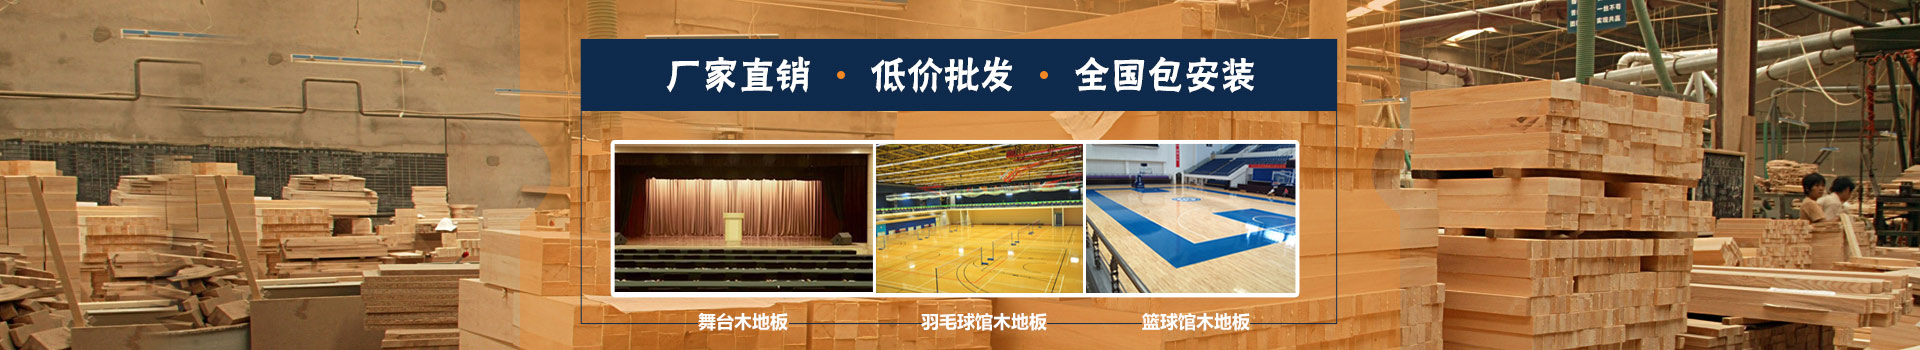 金洋2资讯banner